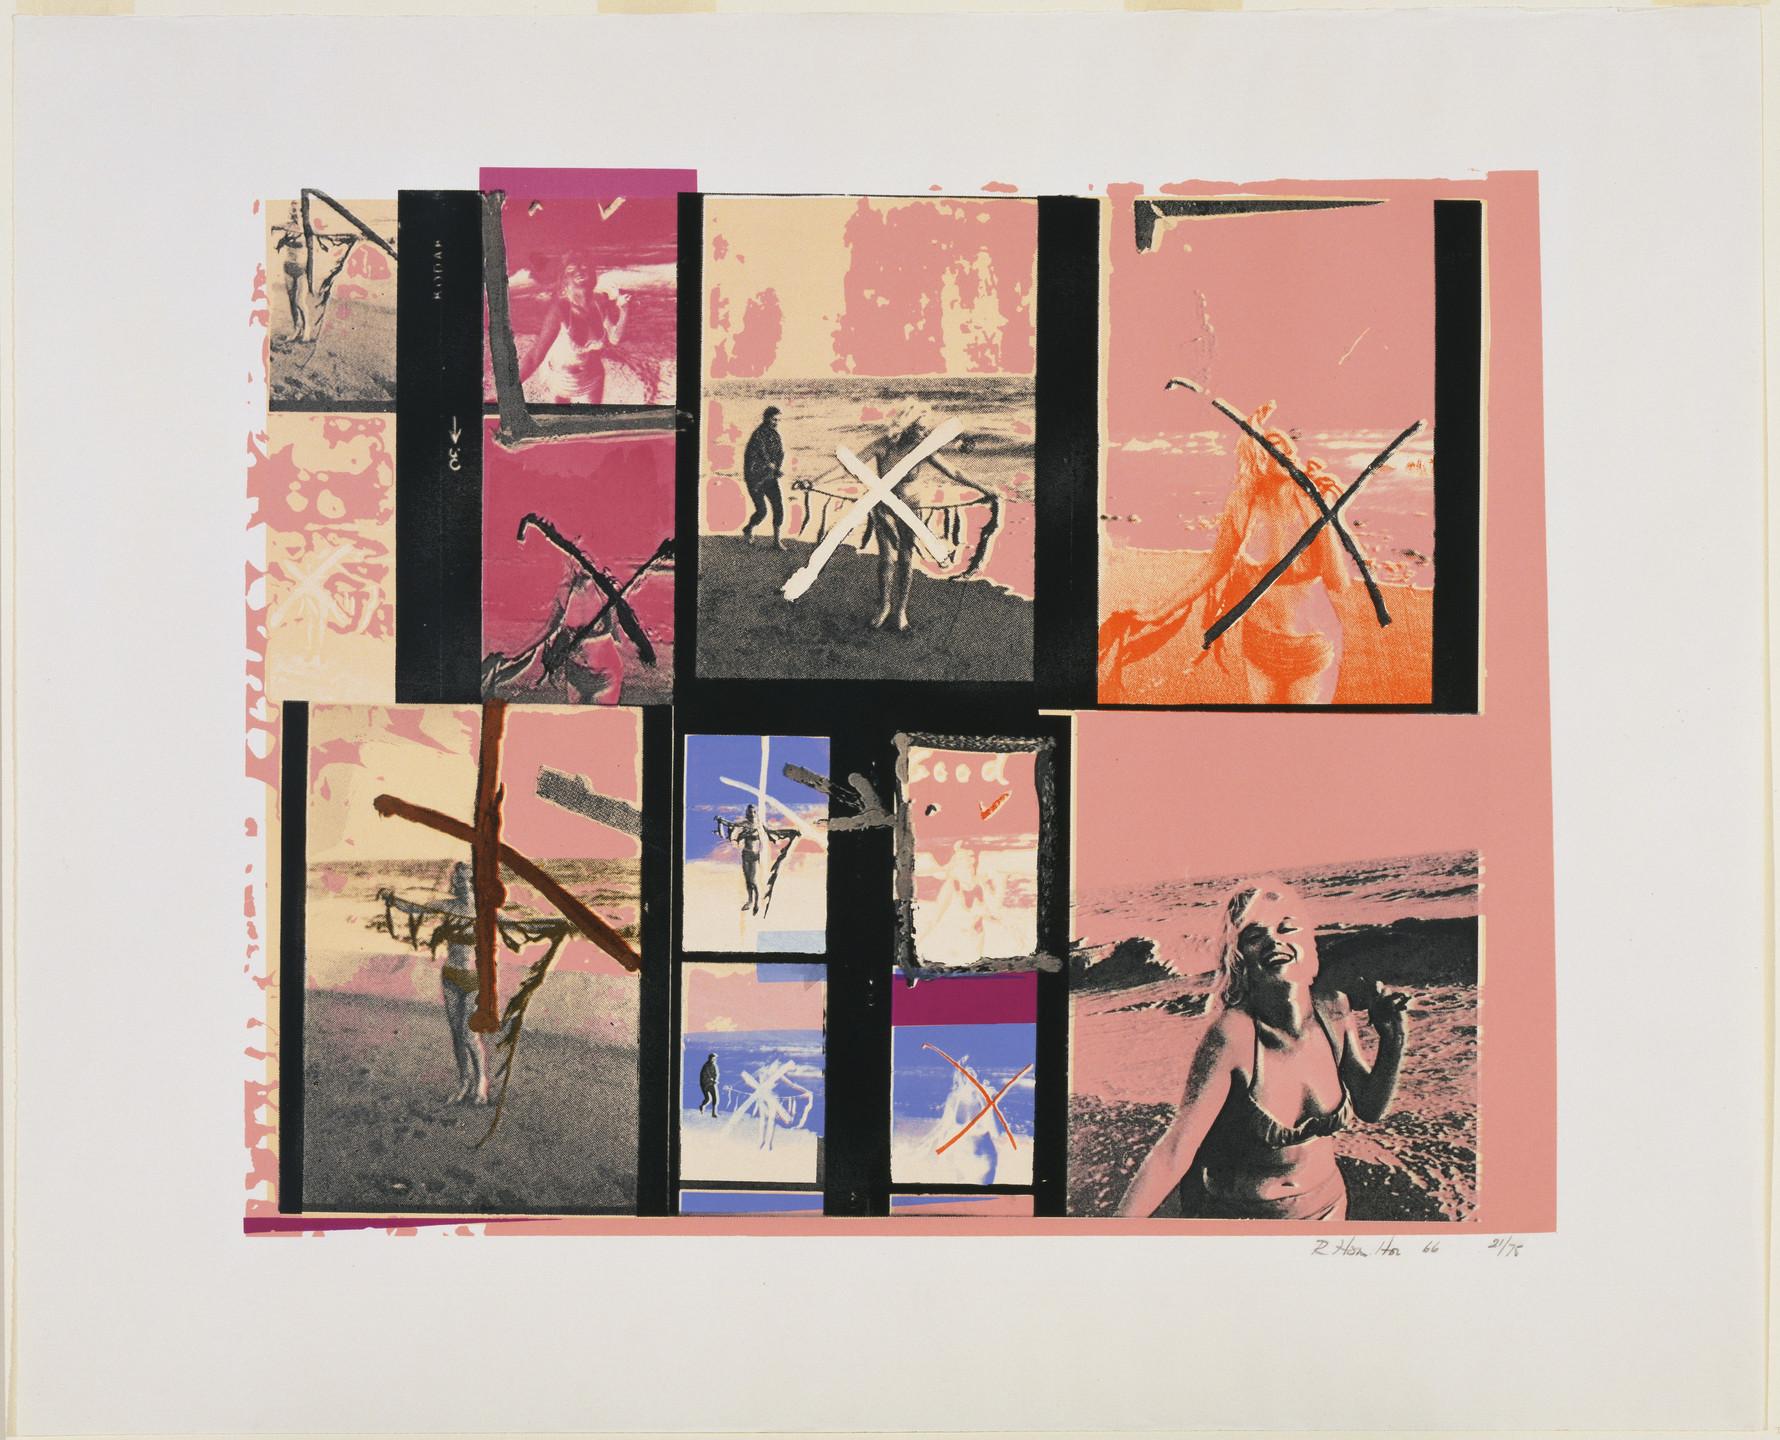 Richard Hamilton. My Marilyn. 1965, published 1966 | MoMA